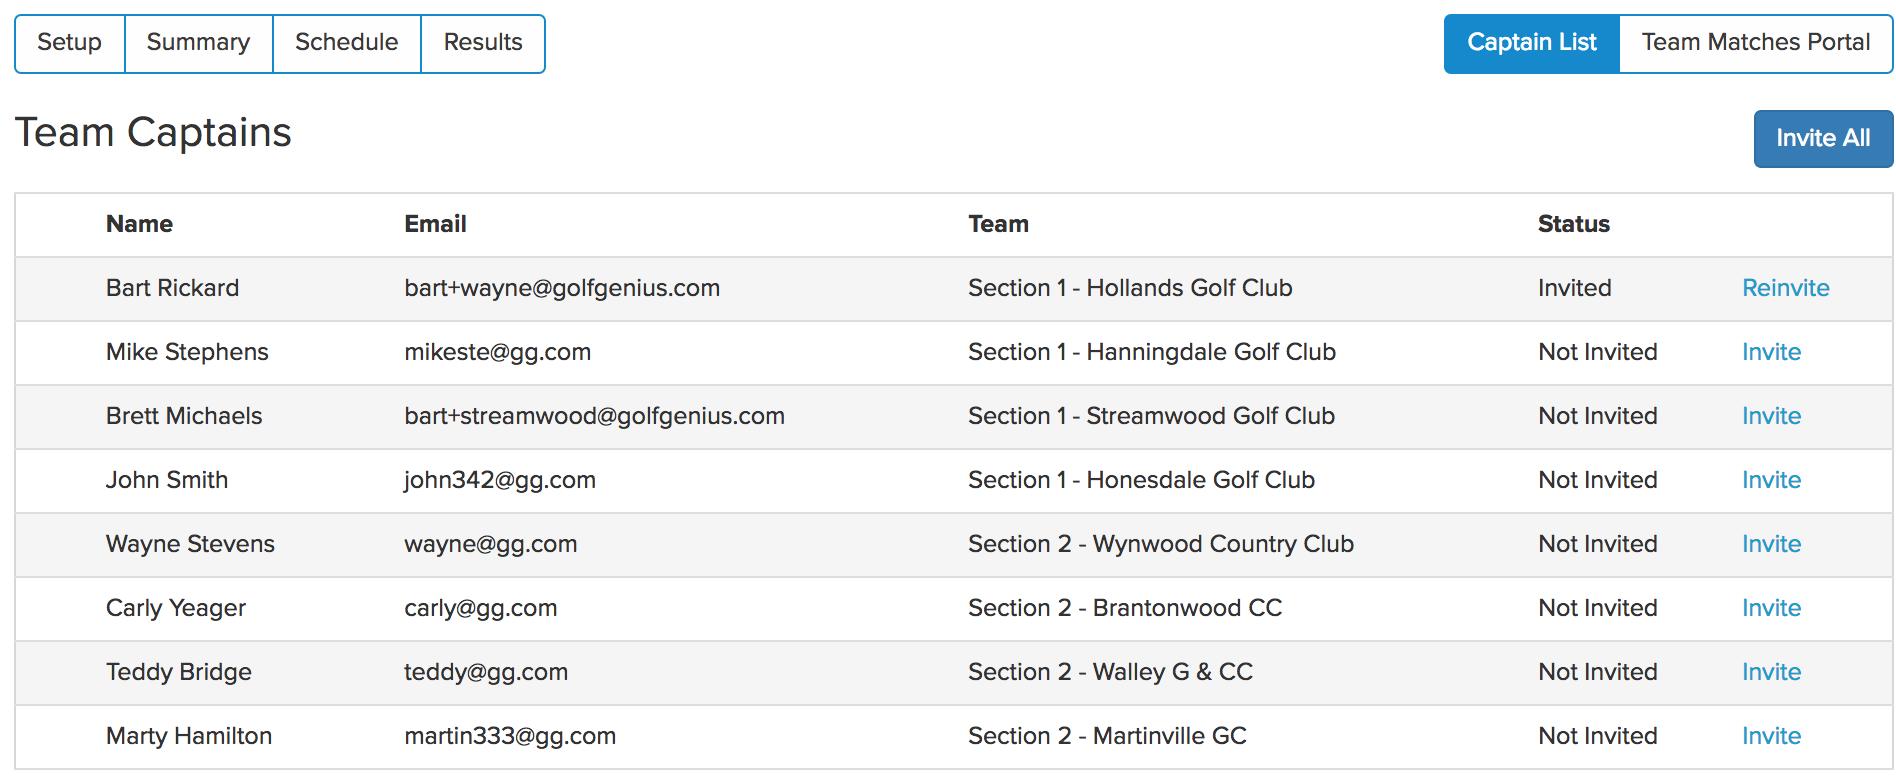 Golfgenius - Team Matches